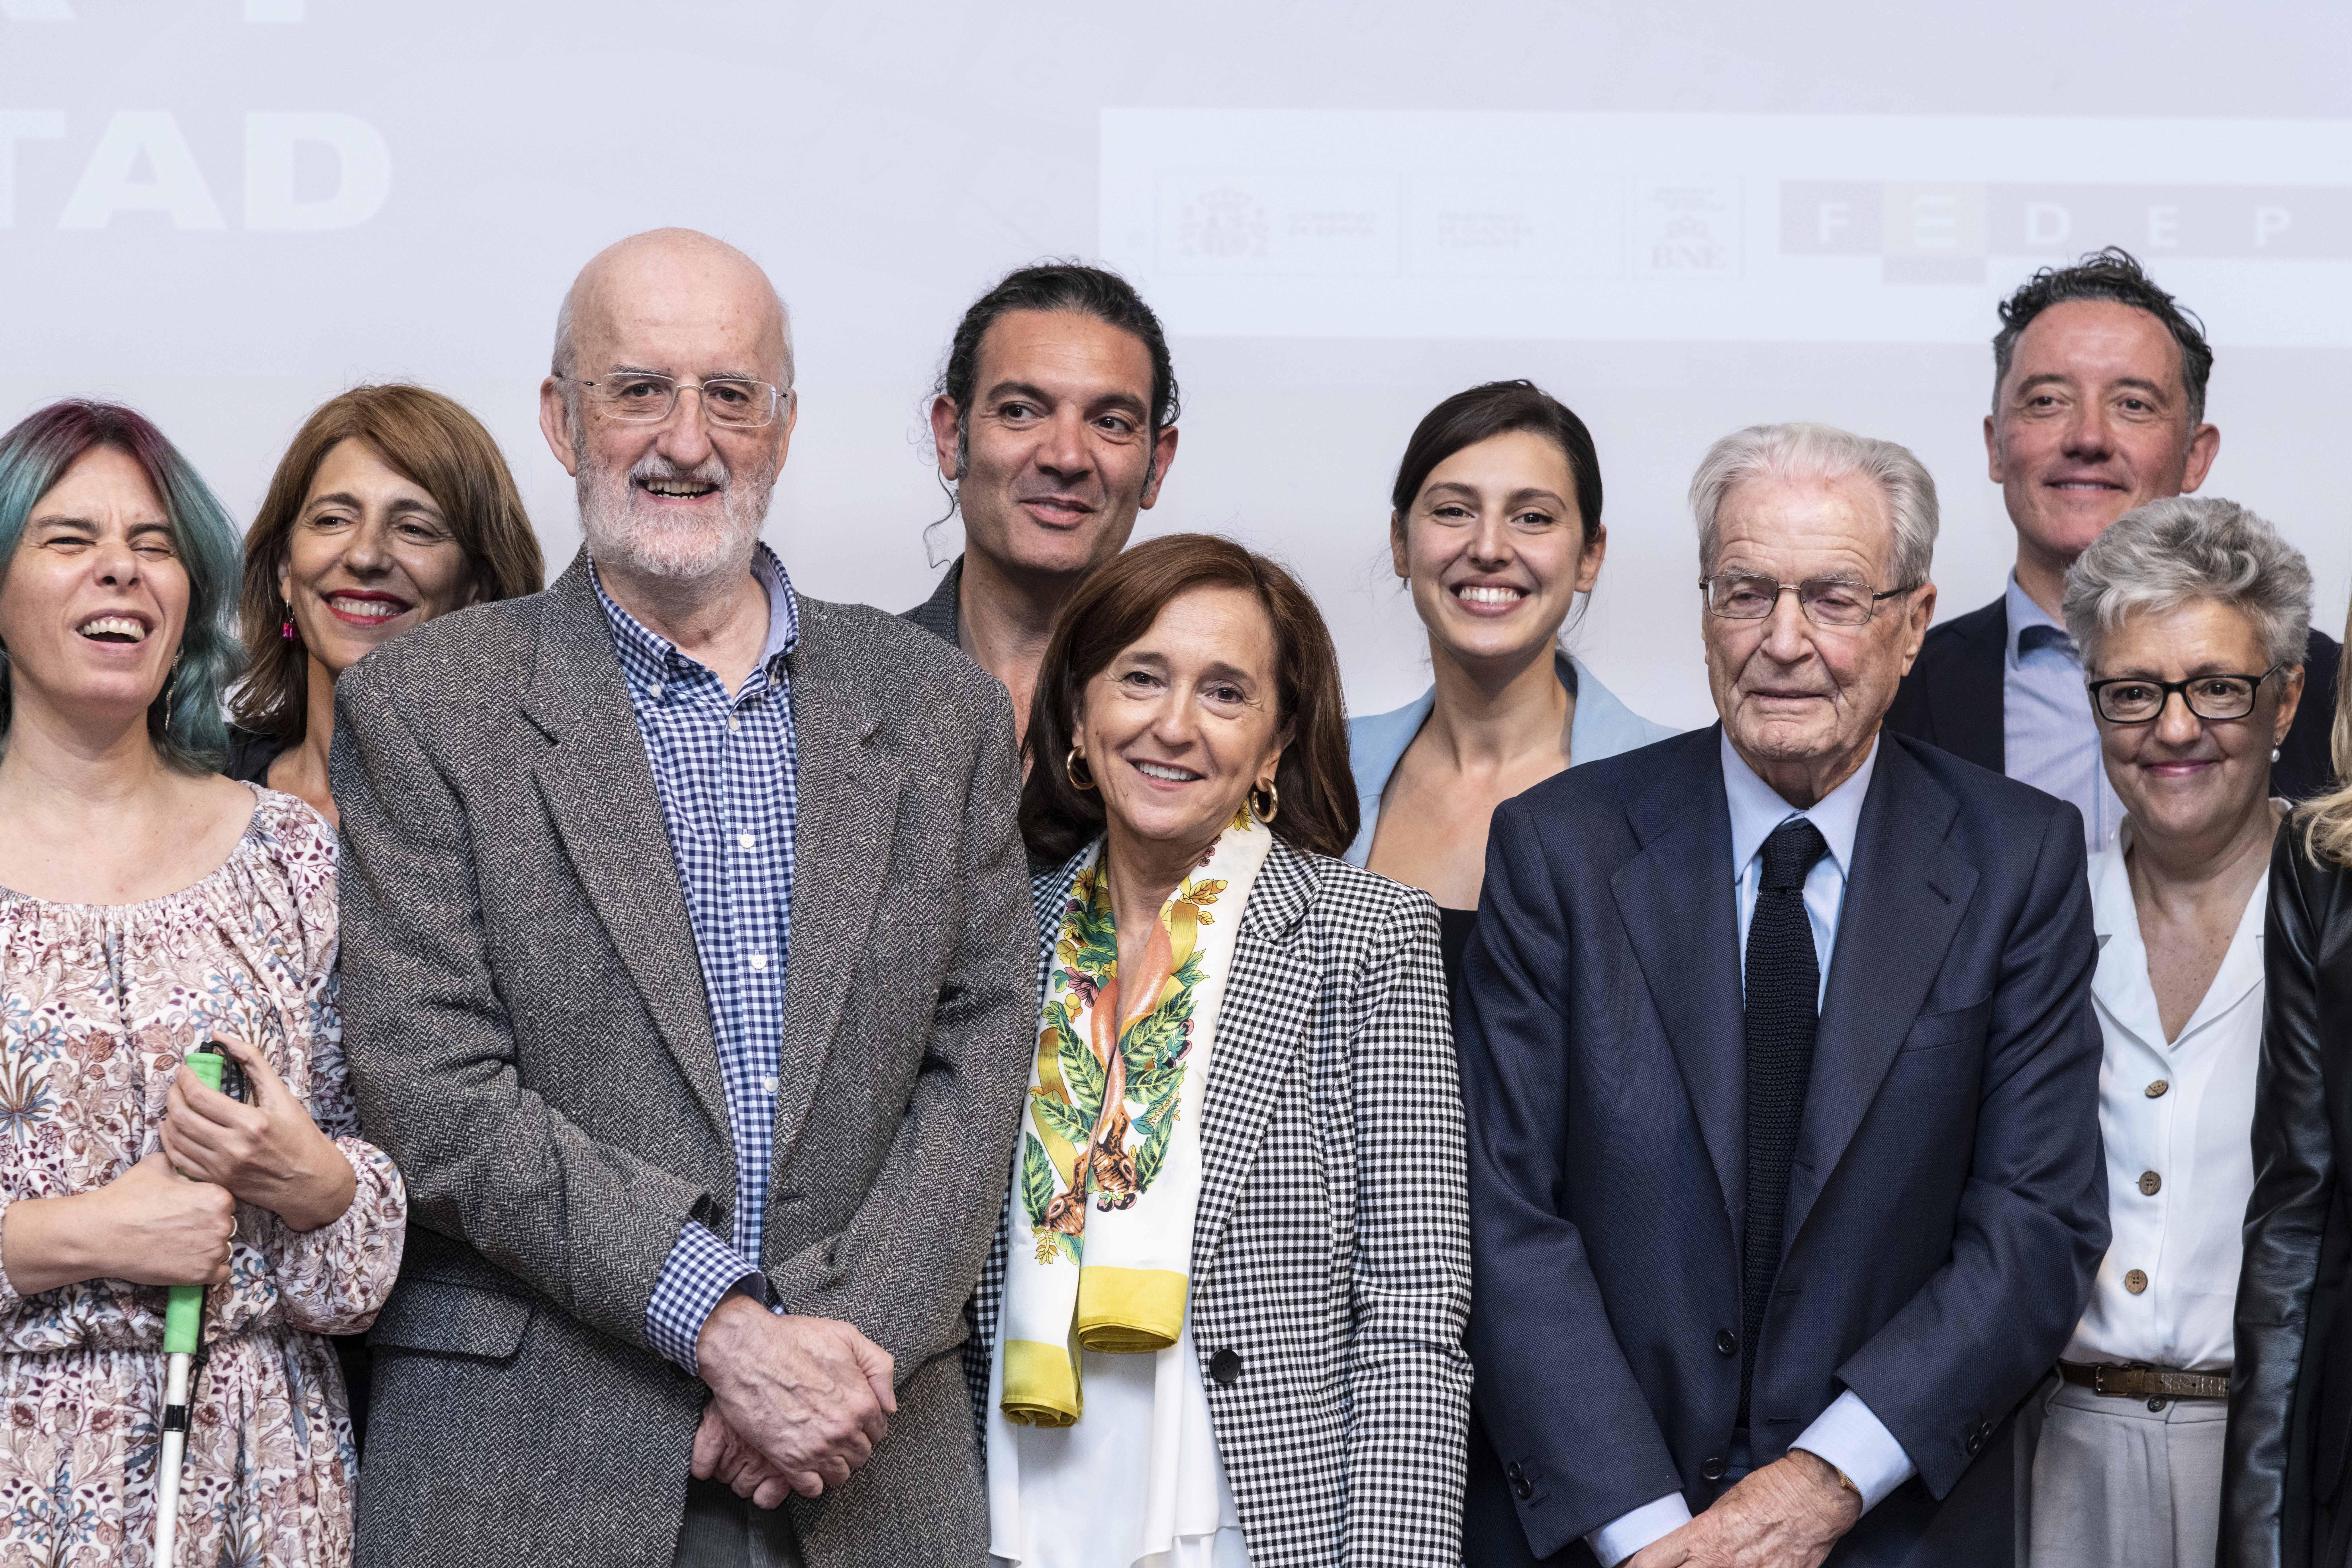 2019 Virginia Carcedo, Gabriela Flores, Joaquín Garrido, Antonio Sansano, Ana Santos, Raquel Varela, Antonio Garrigues, Ángel Martínez y Anna Caballé